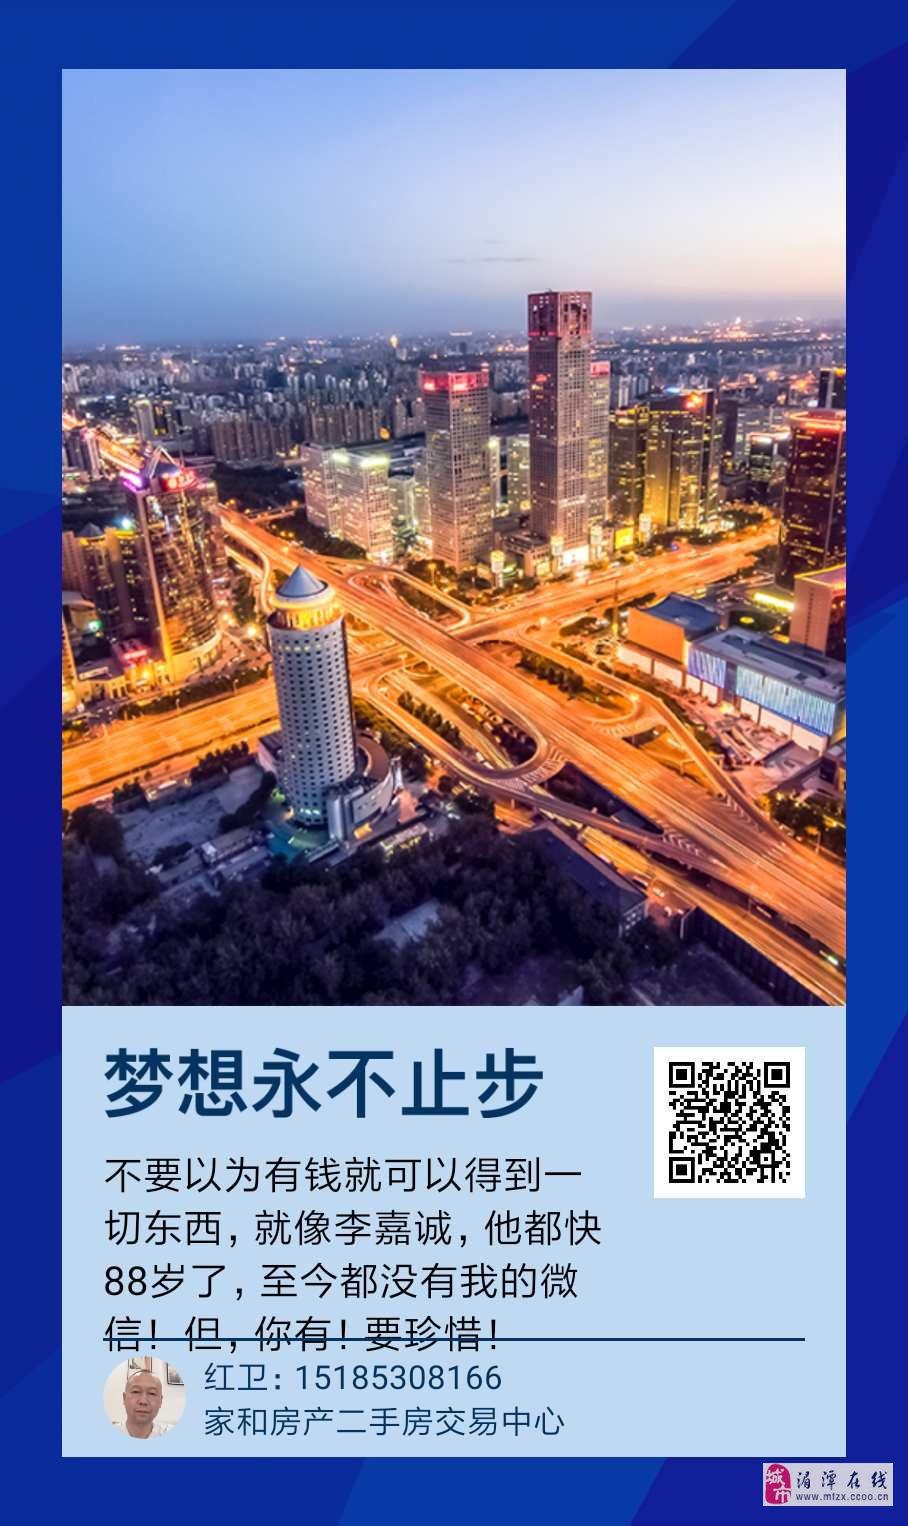 (501)中国茶城电梯房3室1厅2卫毛坯